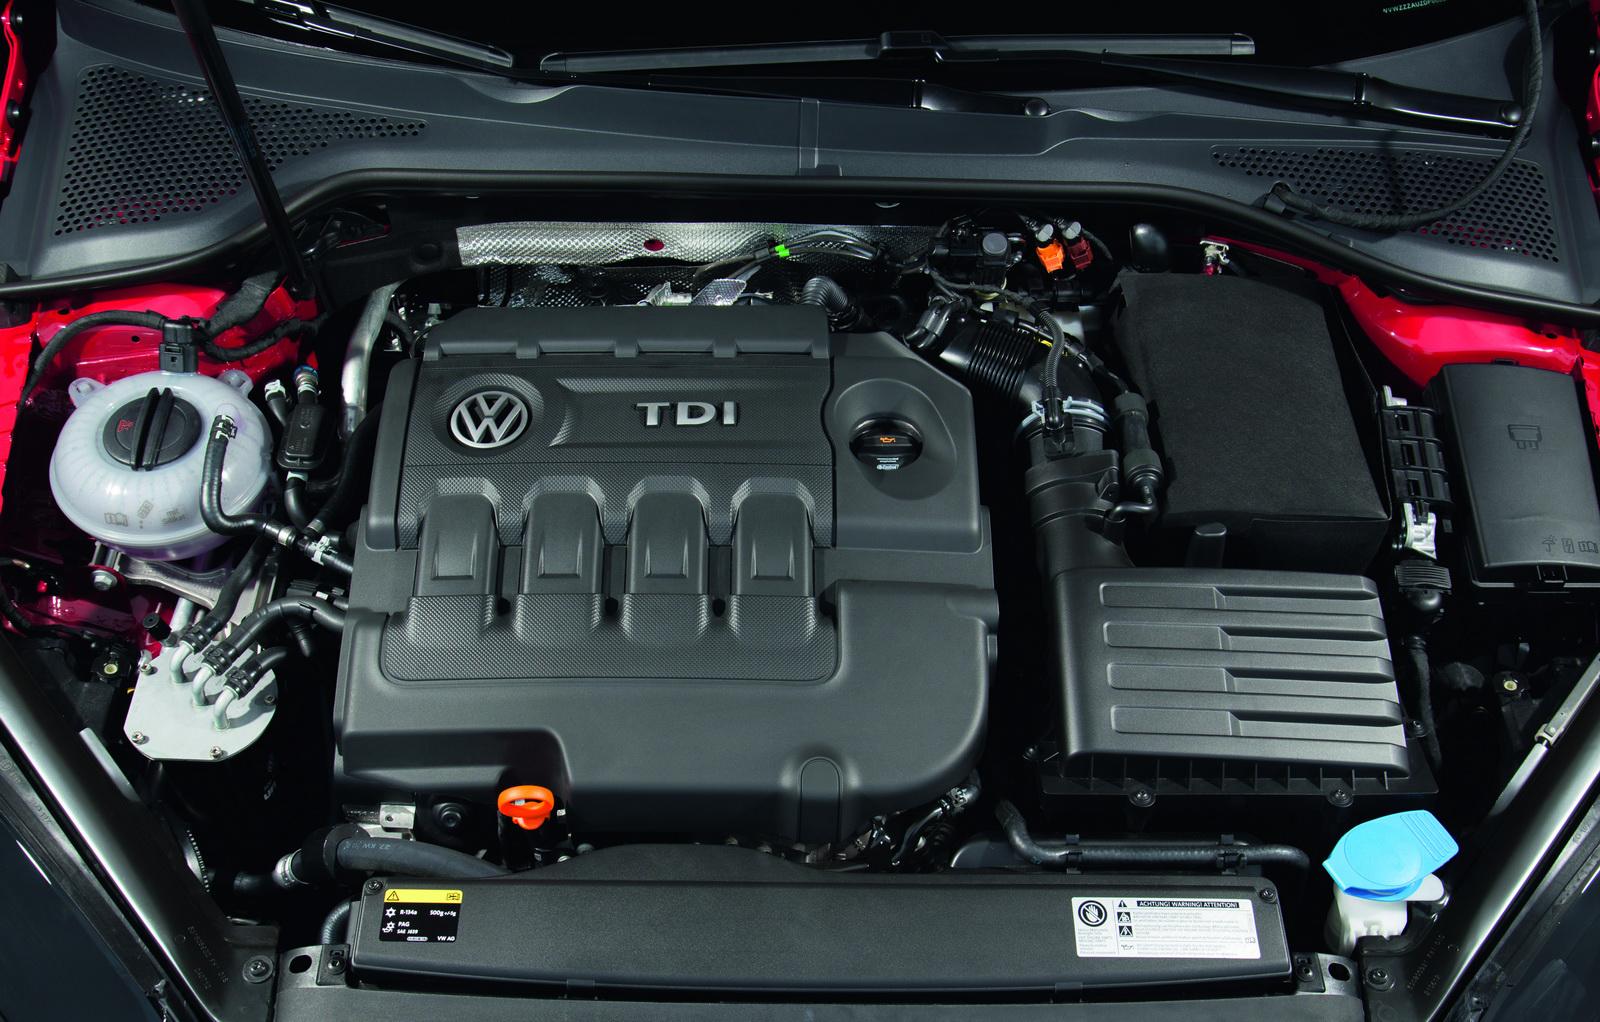 Volkswagen pensa oferecer 9.000 euros de incentivos para quem compre um diesel